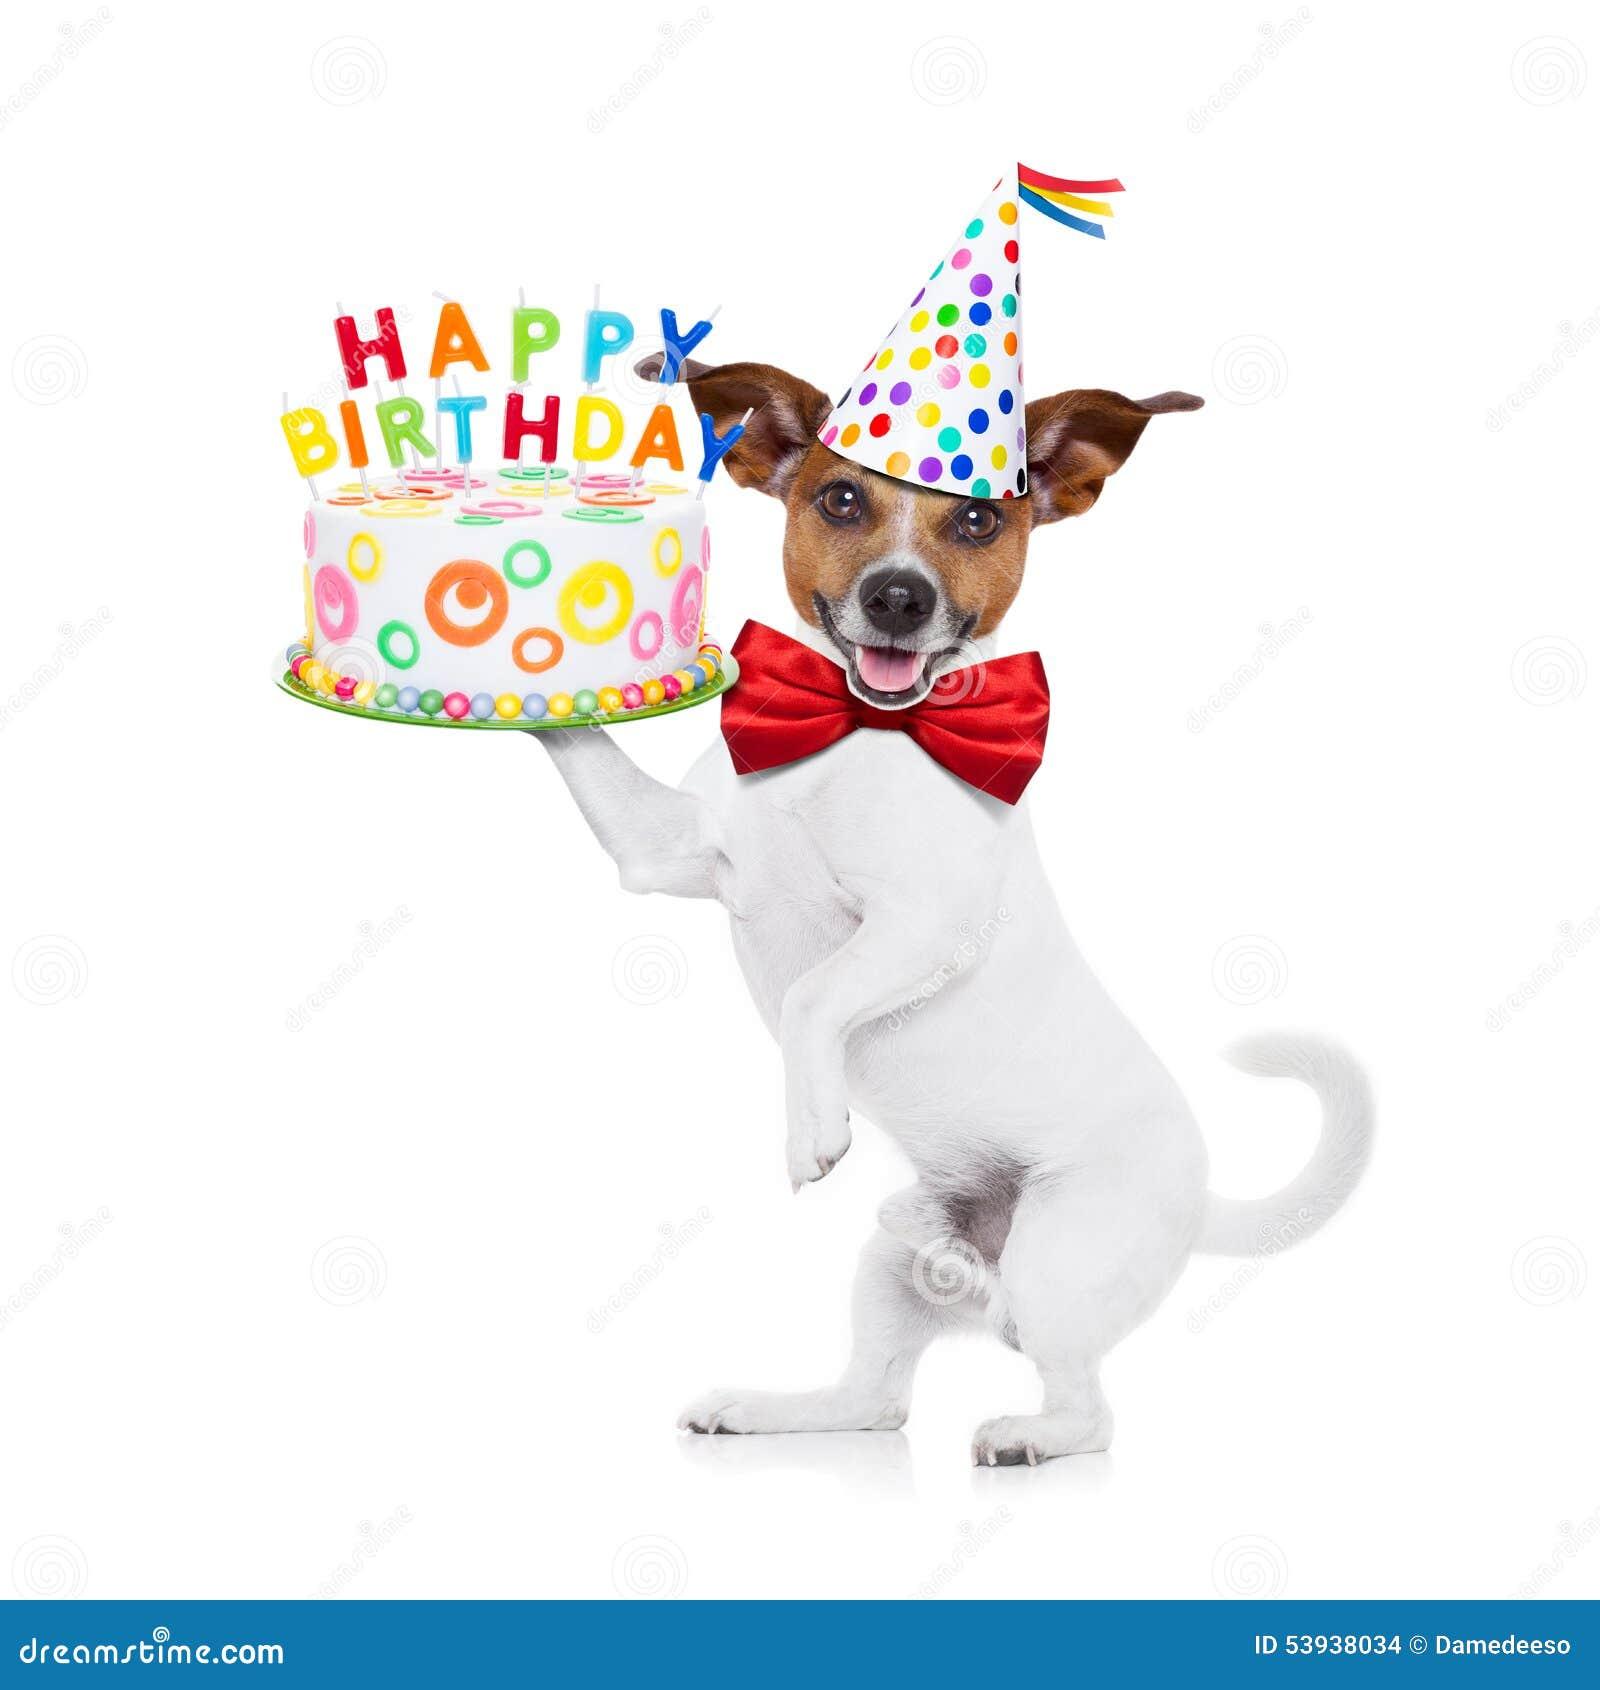 Videos de feliz cumpleanos de perritos